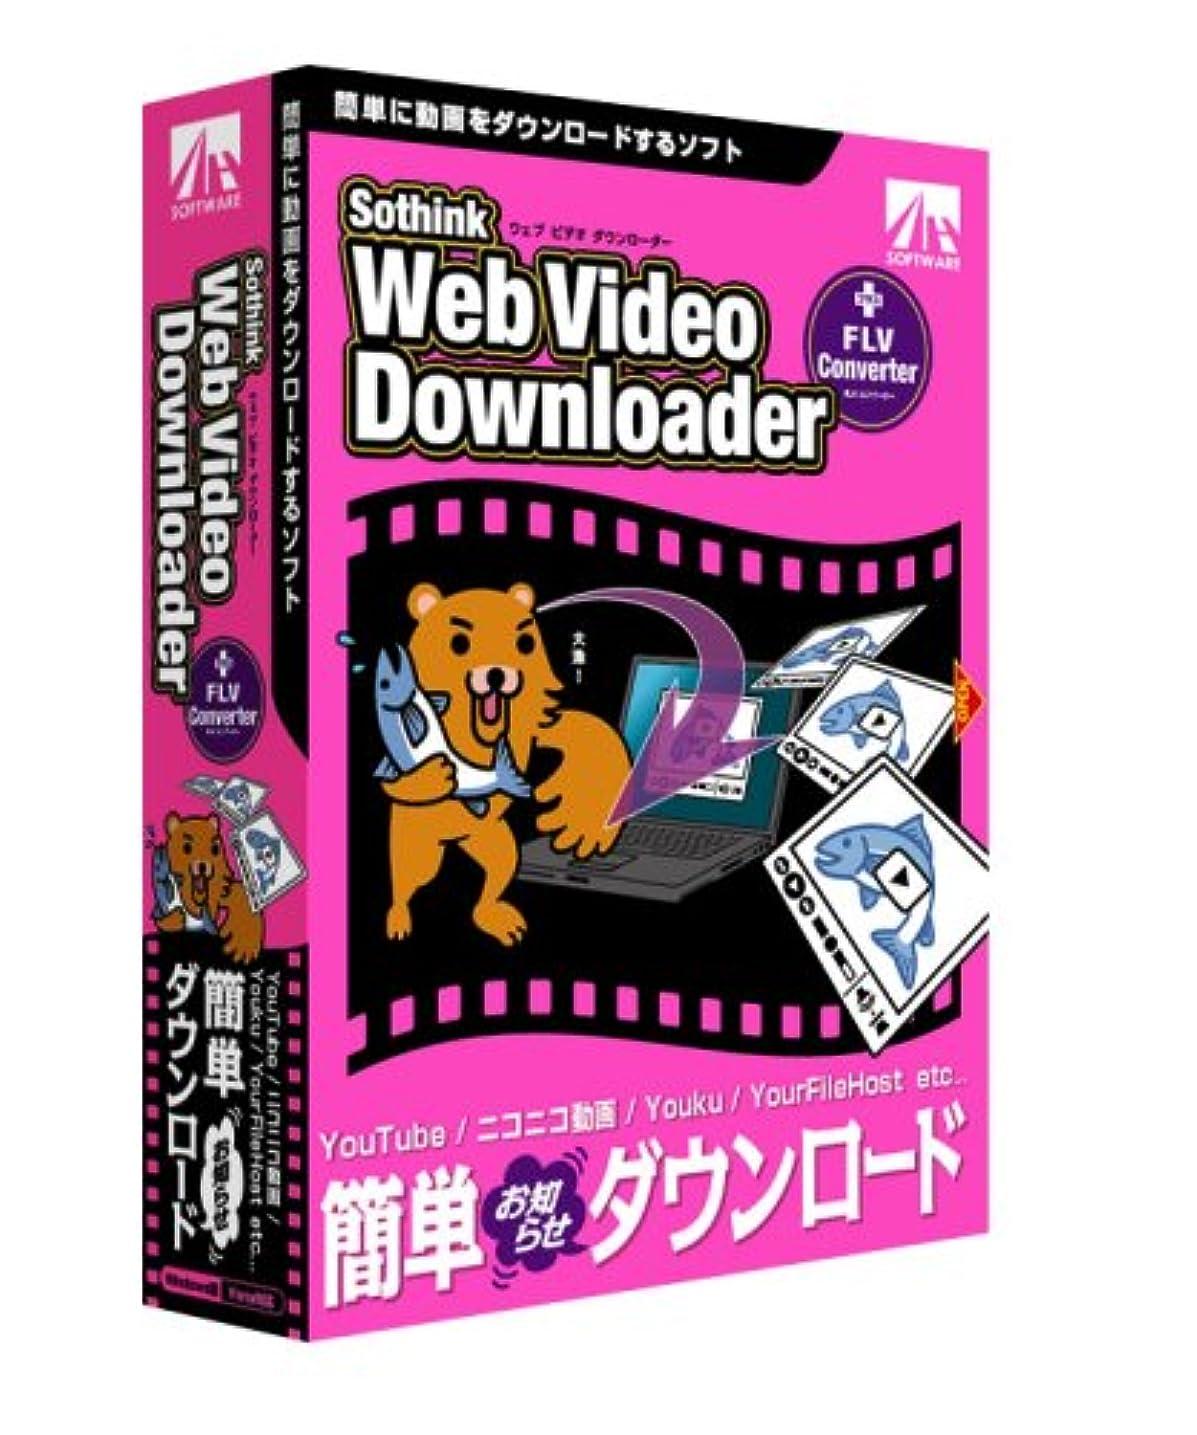 思慮深い従順プラスWeb Video Downloader